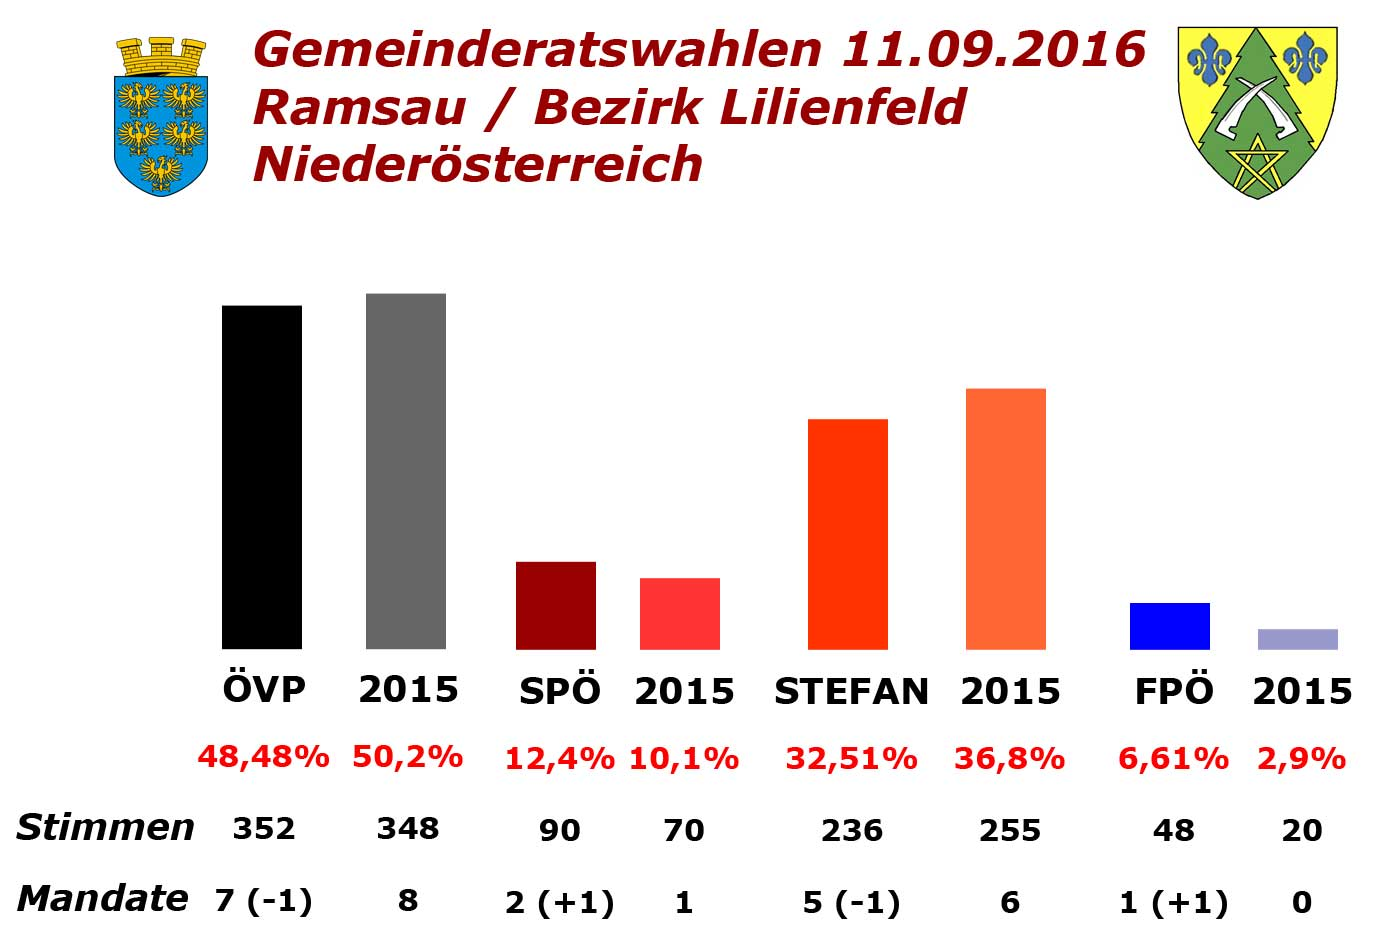 gemeinderatswahlen-ramsau-2016